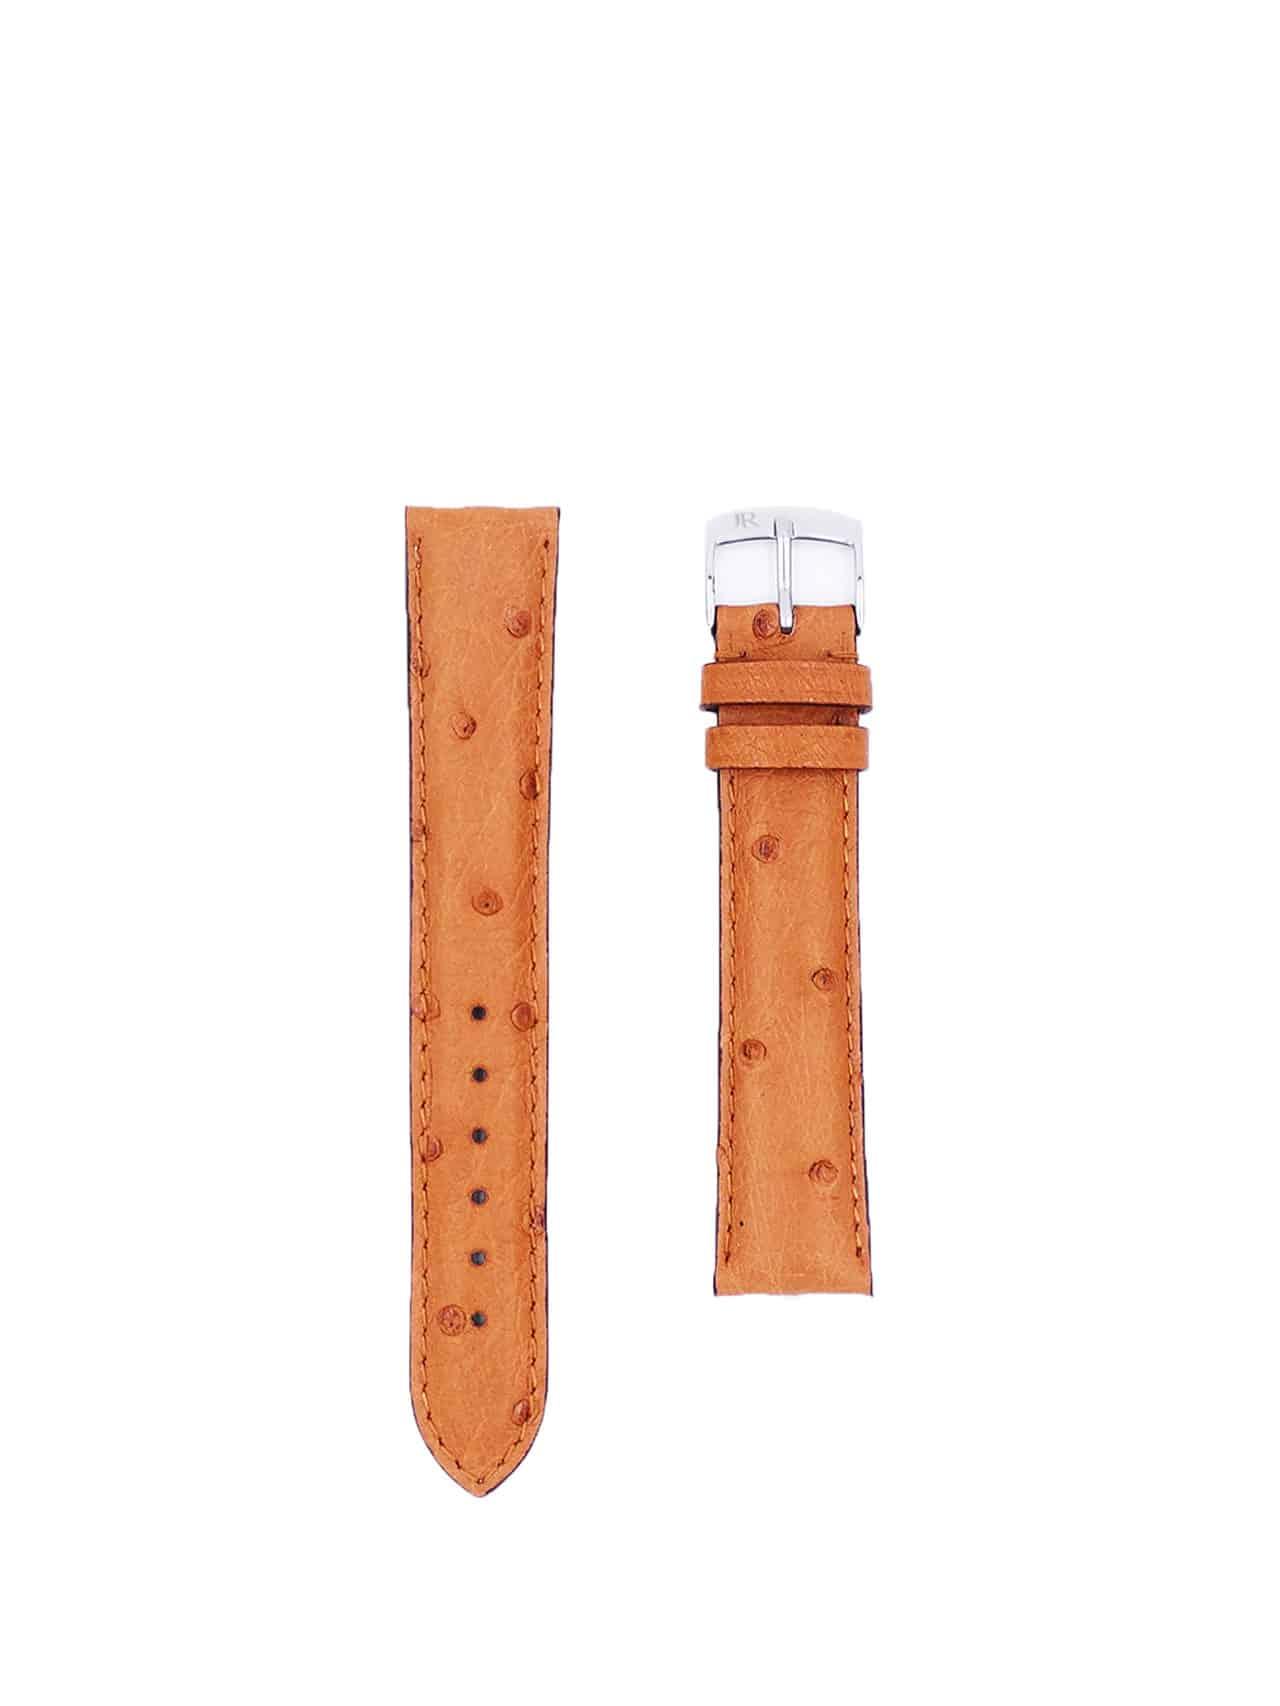 ジャン・ルソーのレザー時計ベルト made in France